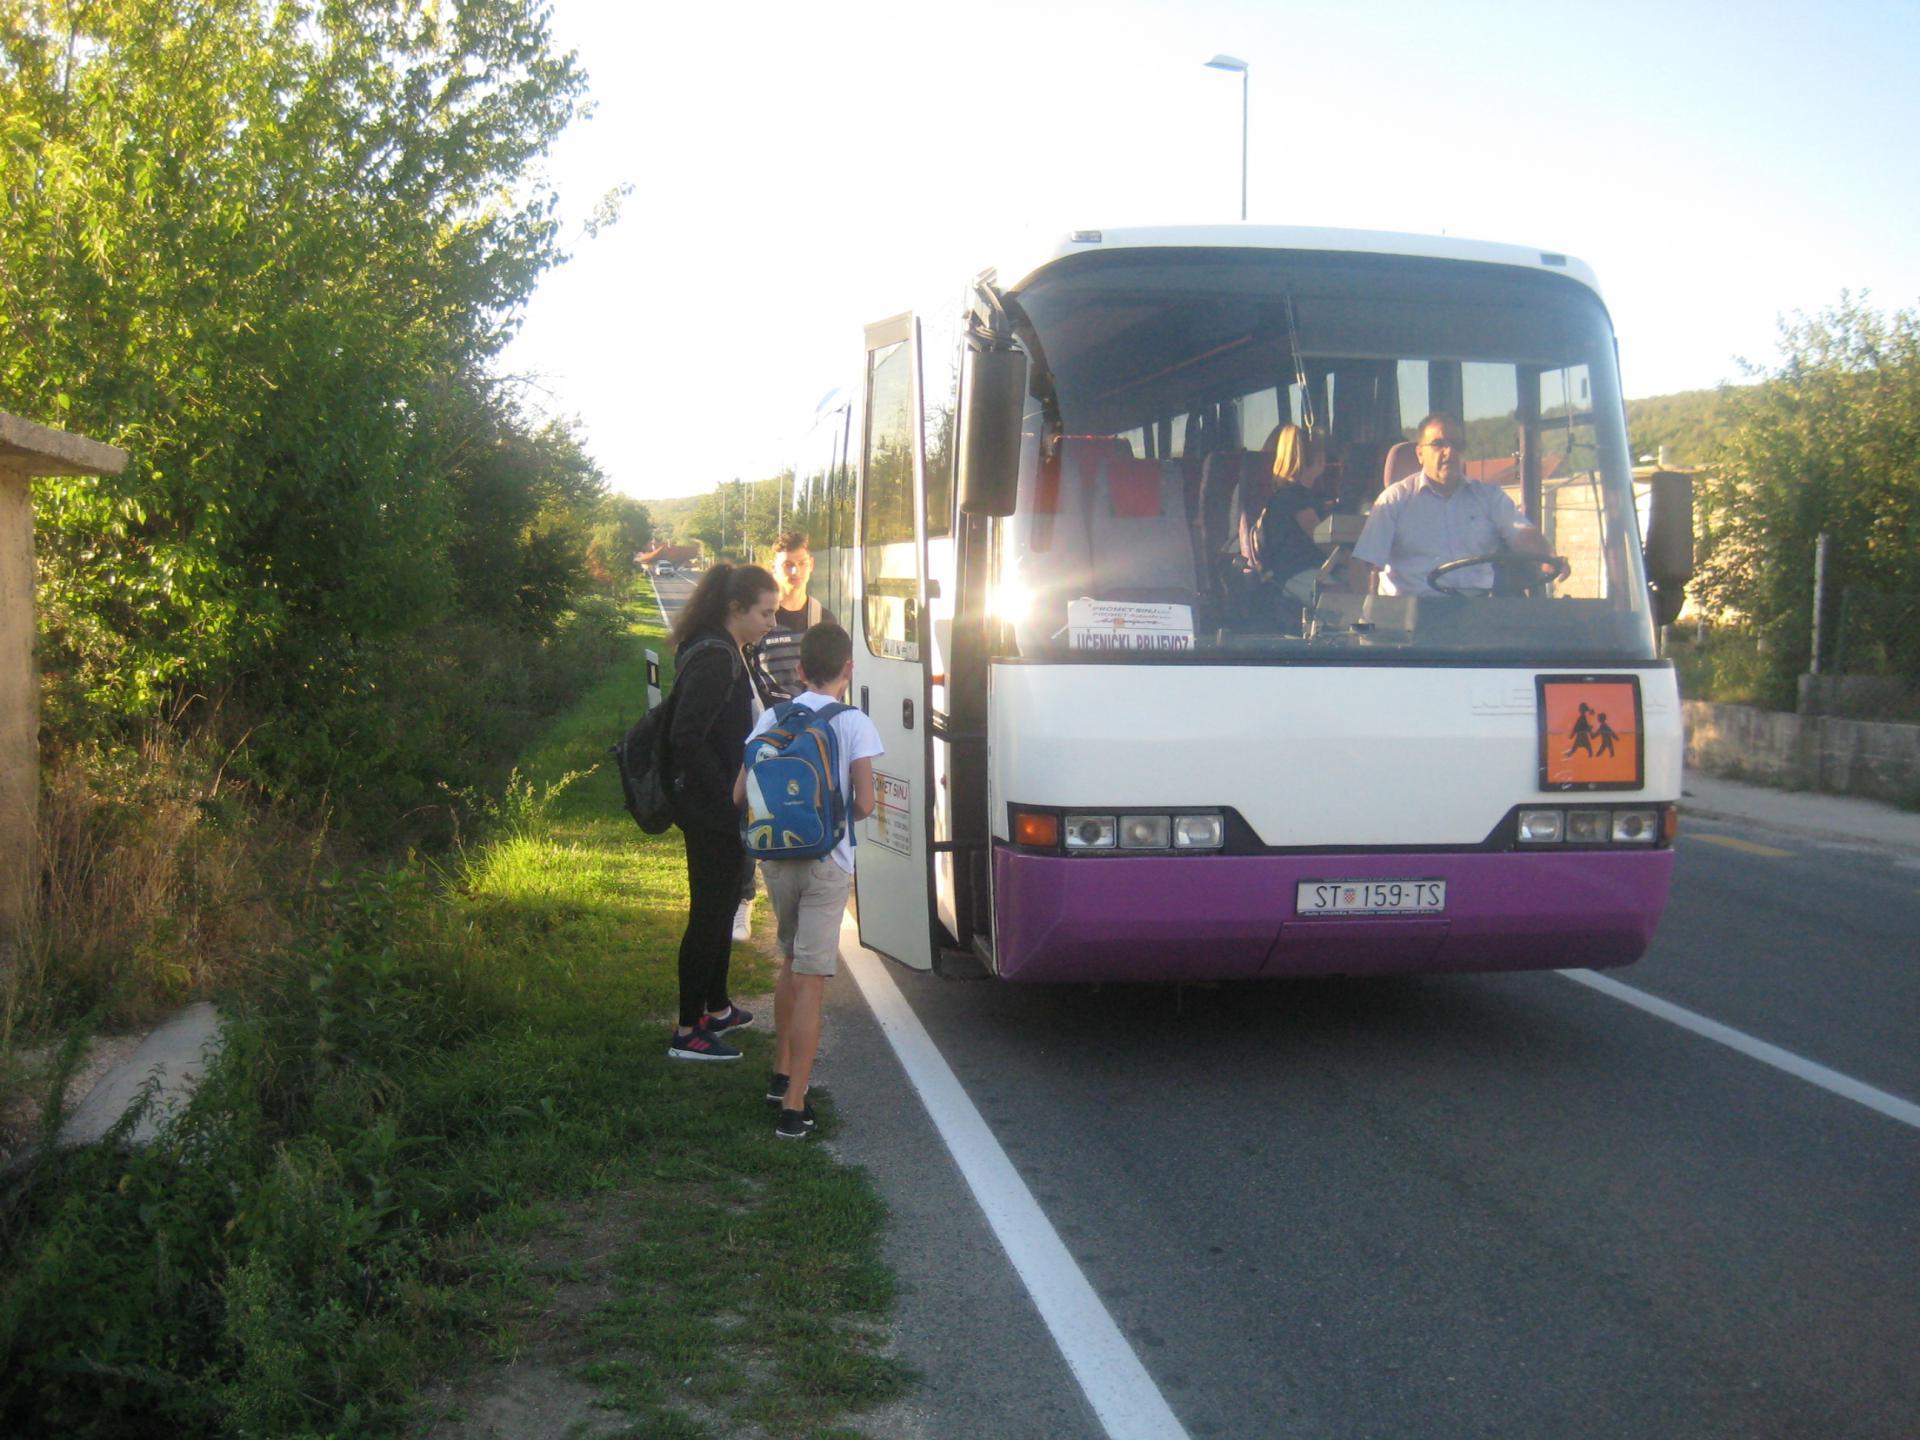 Učenici dočekuju autobus na otvorenoj cesti